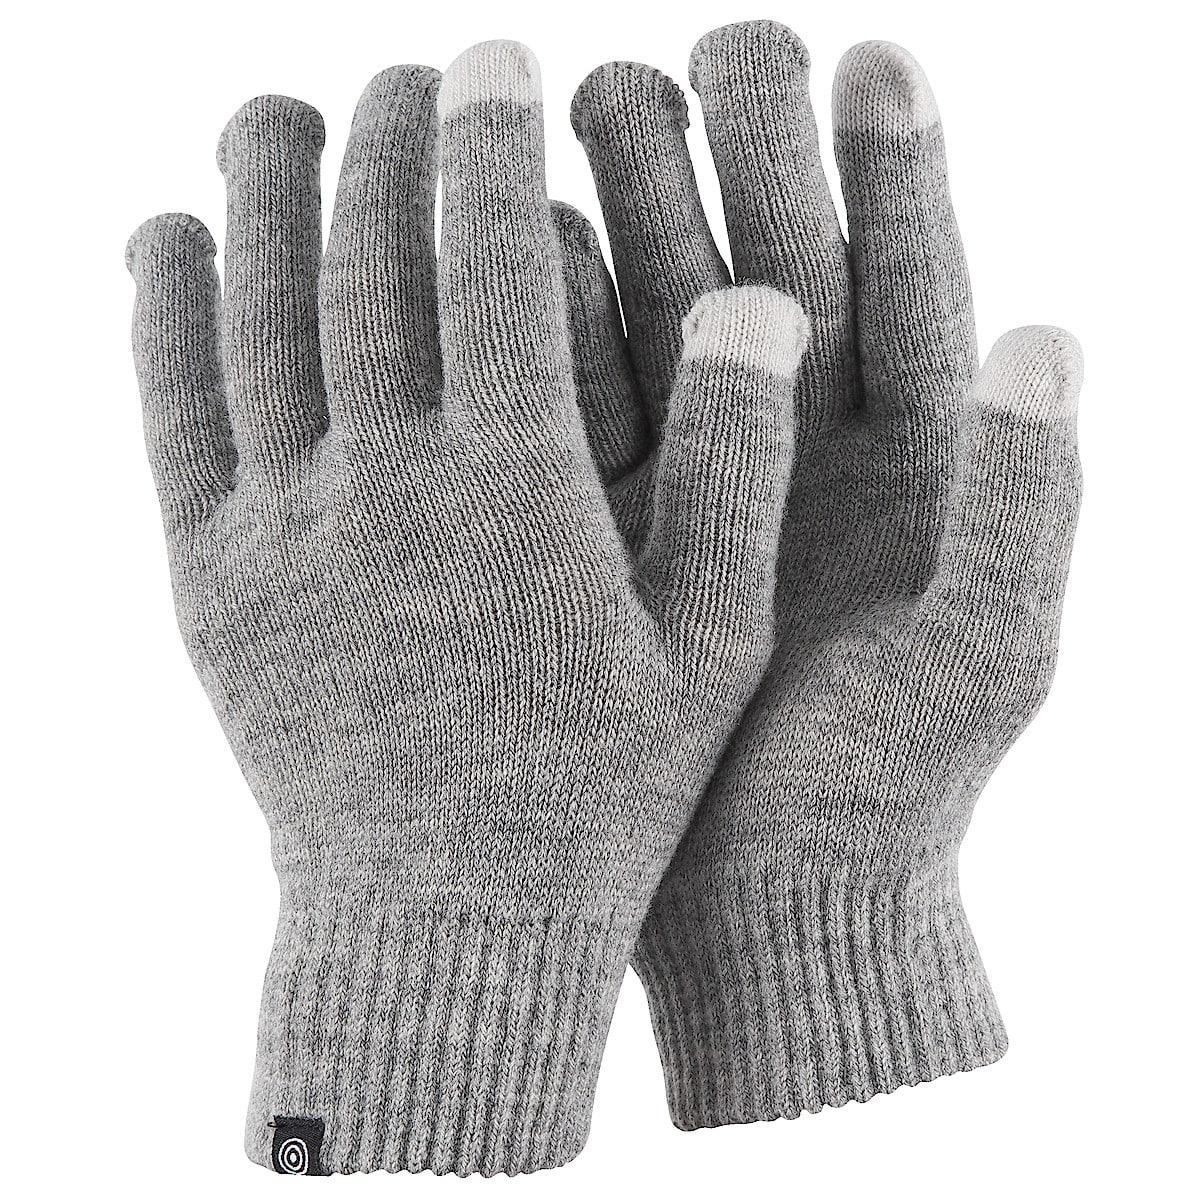 Fingervantar med touch grå